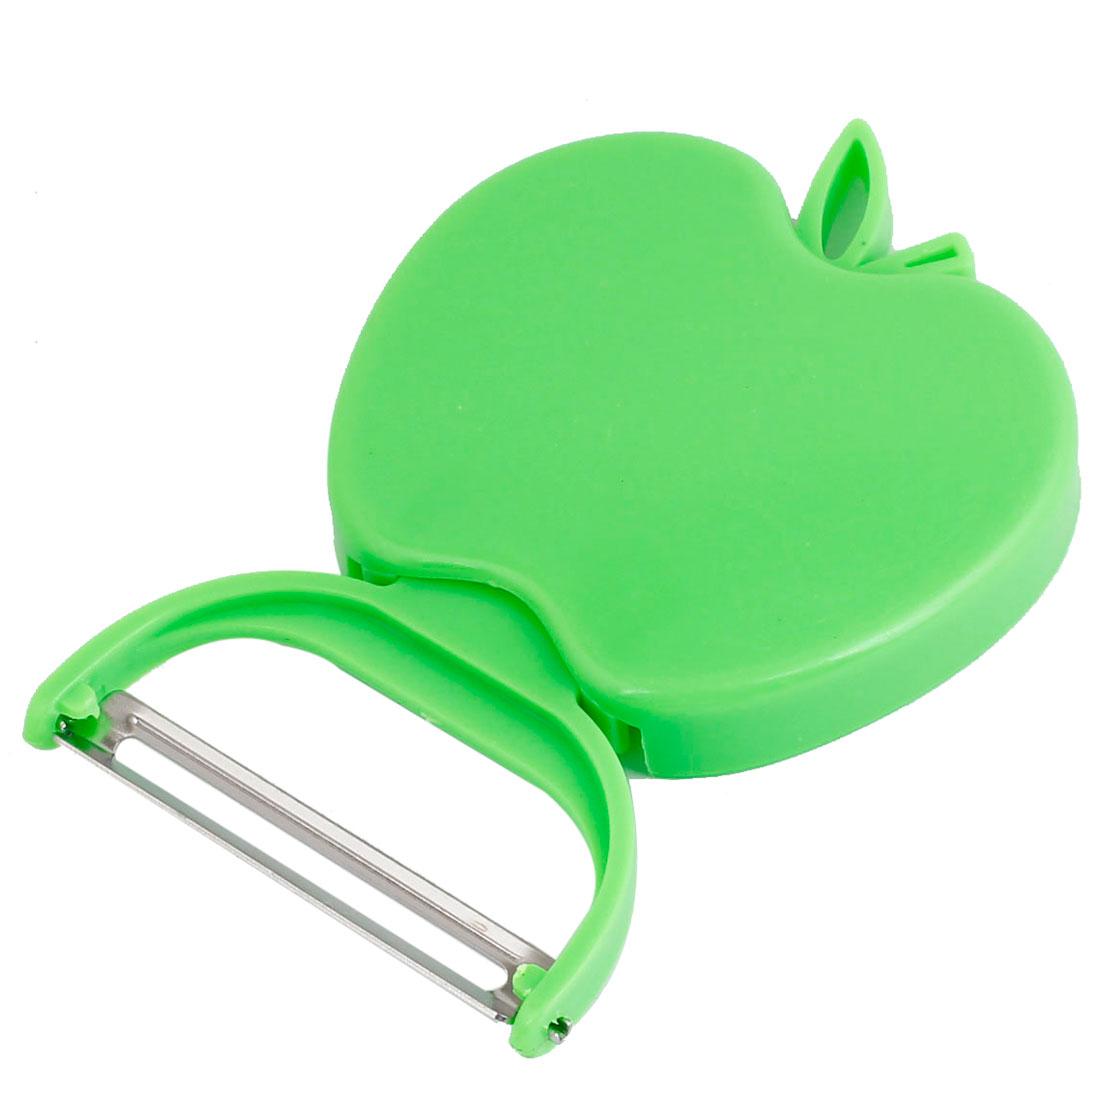 Apple Shape Handy Tool Sharp Metal Cutter Folding Fruit Peeler Green